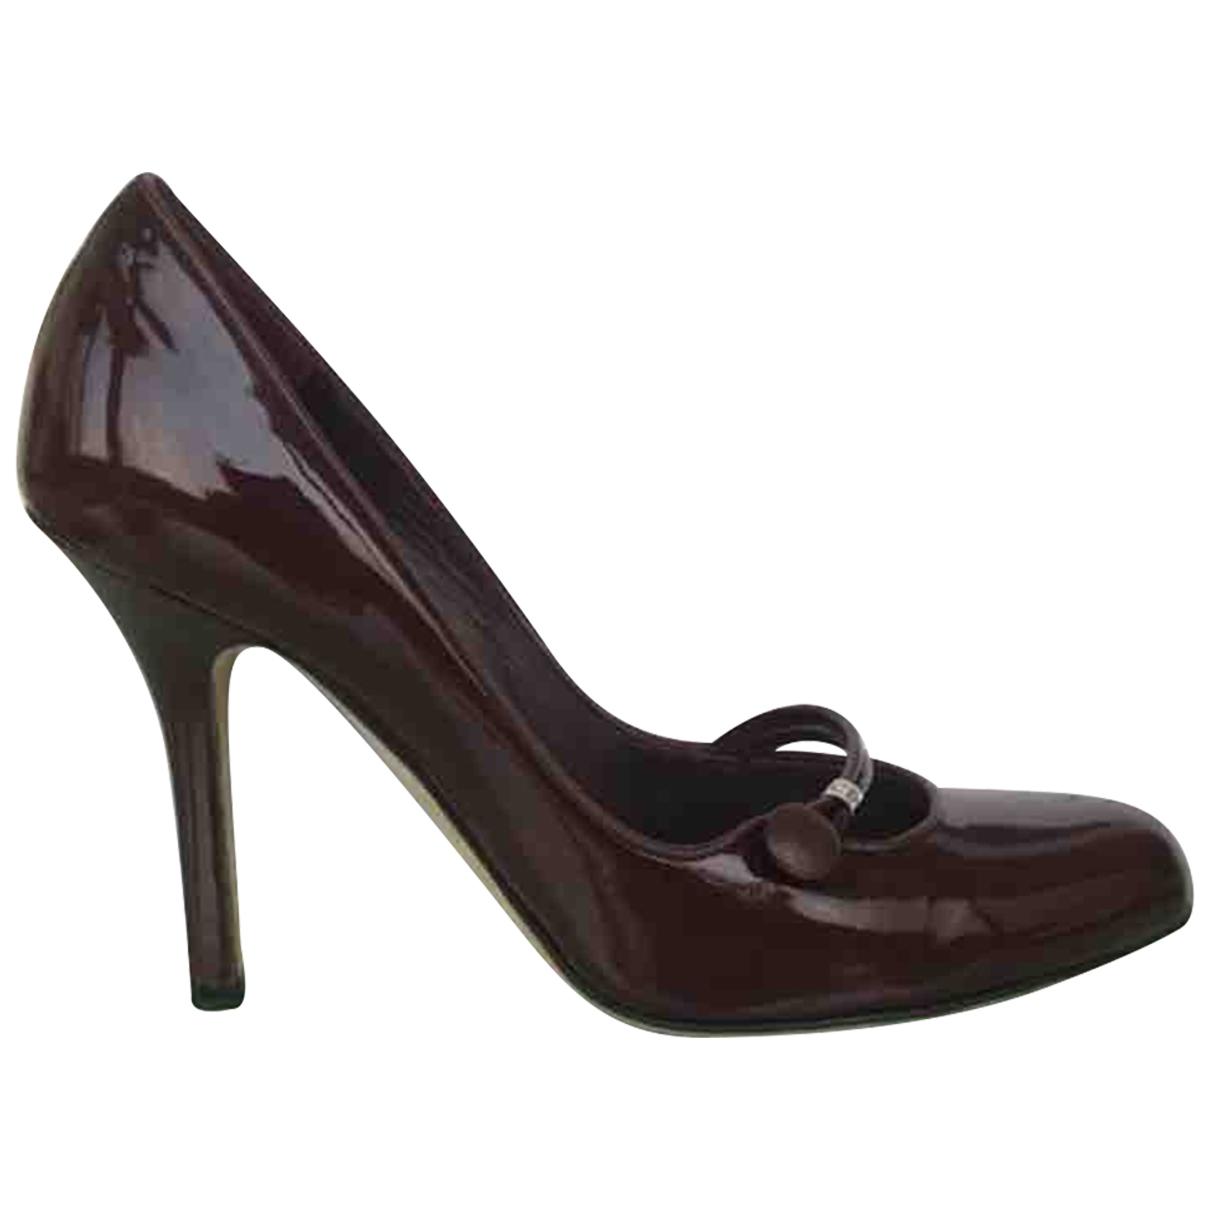 Dior - Escarpins   pour femme en cuir verni - bordeaux